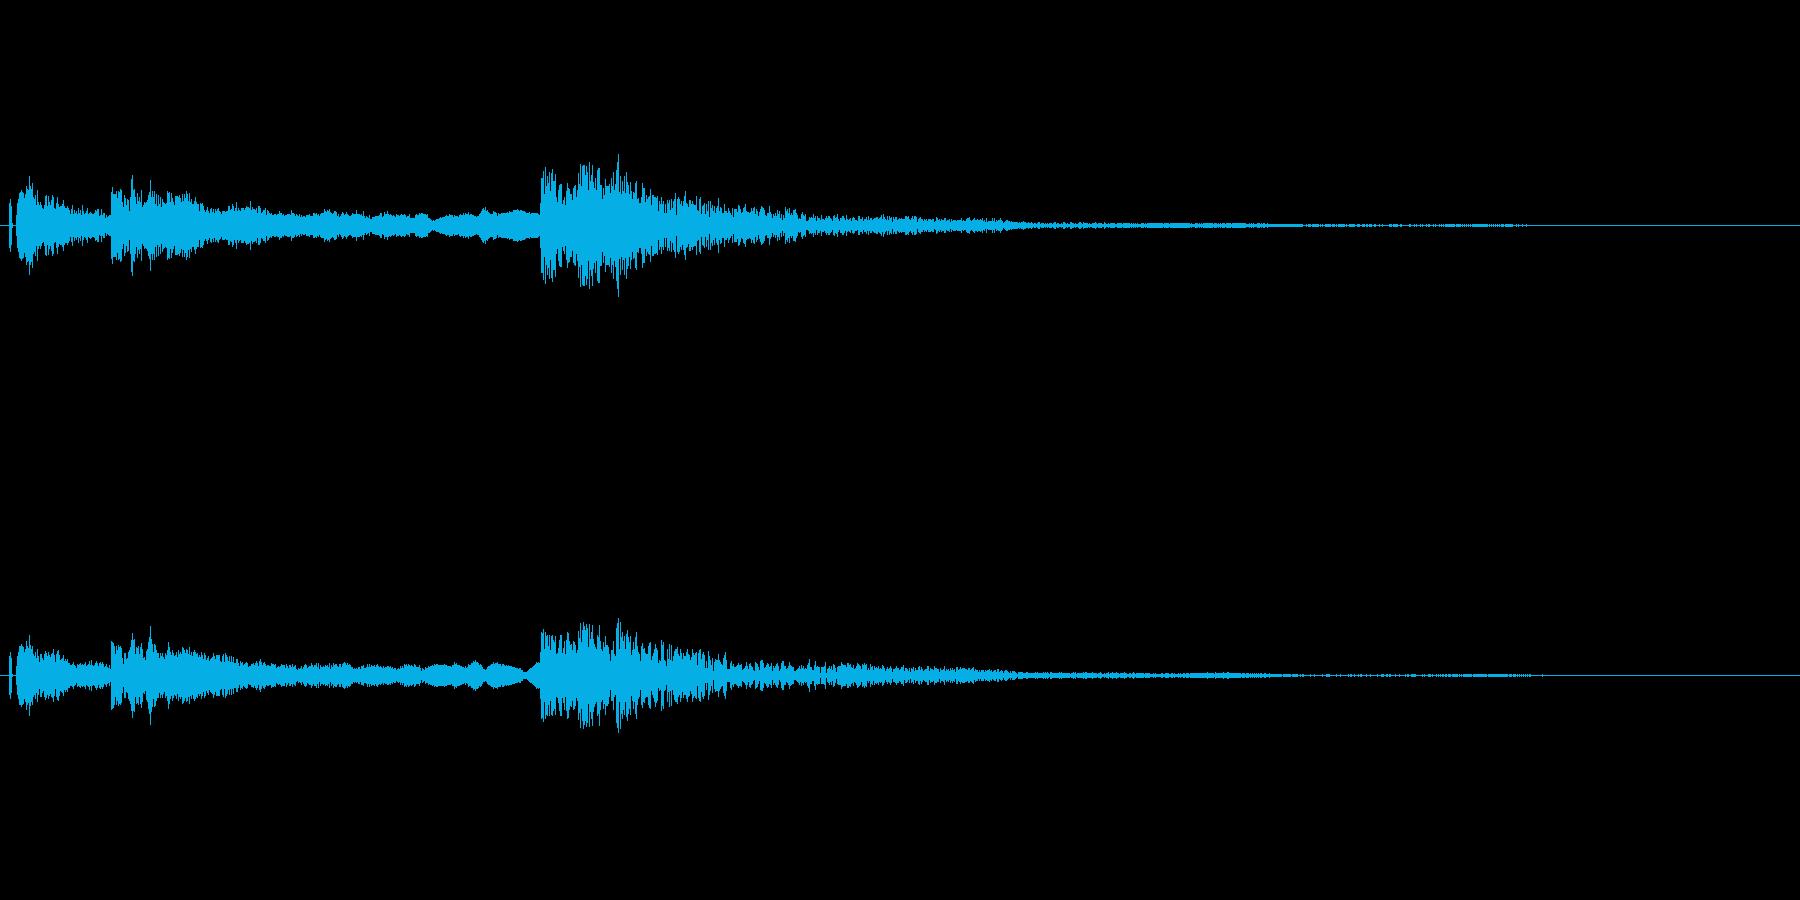 和風なサウンドですの再生済みの波形